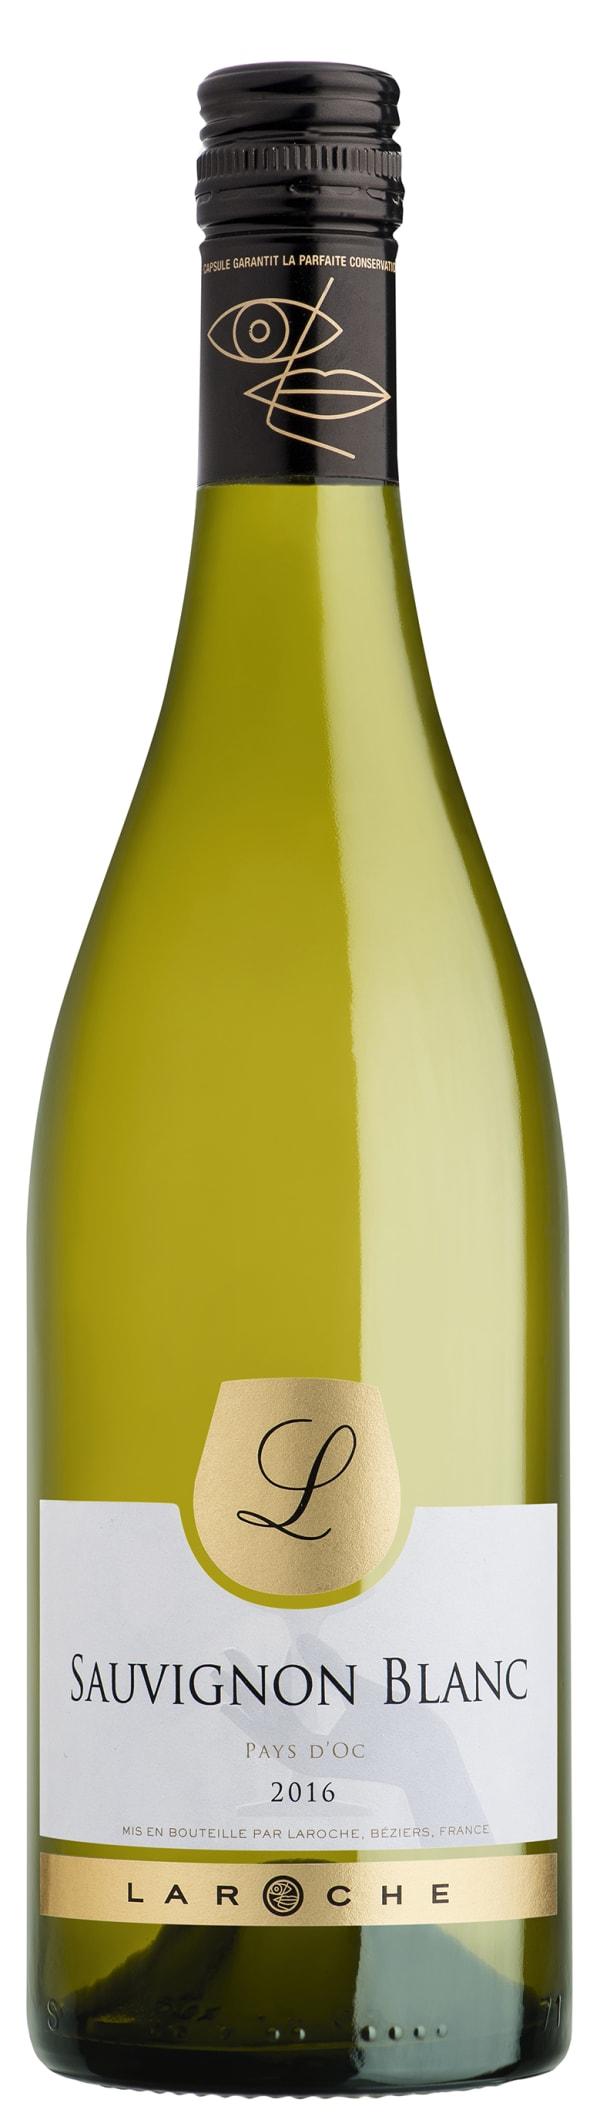 Laroche Sauvignon Blanc L 2018